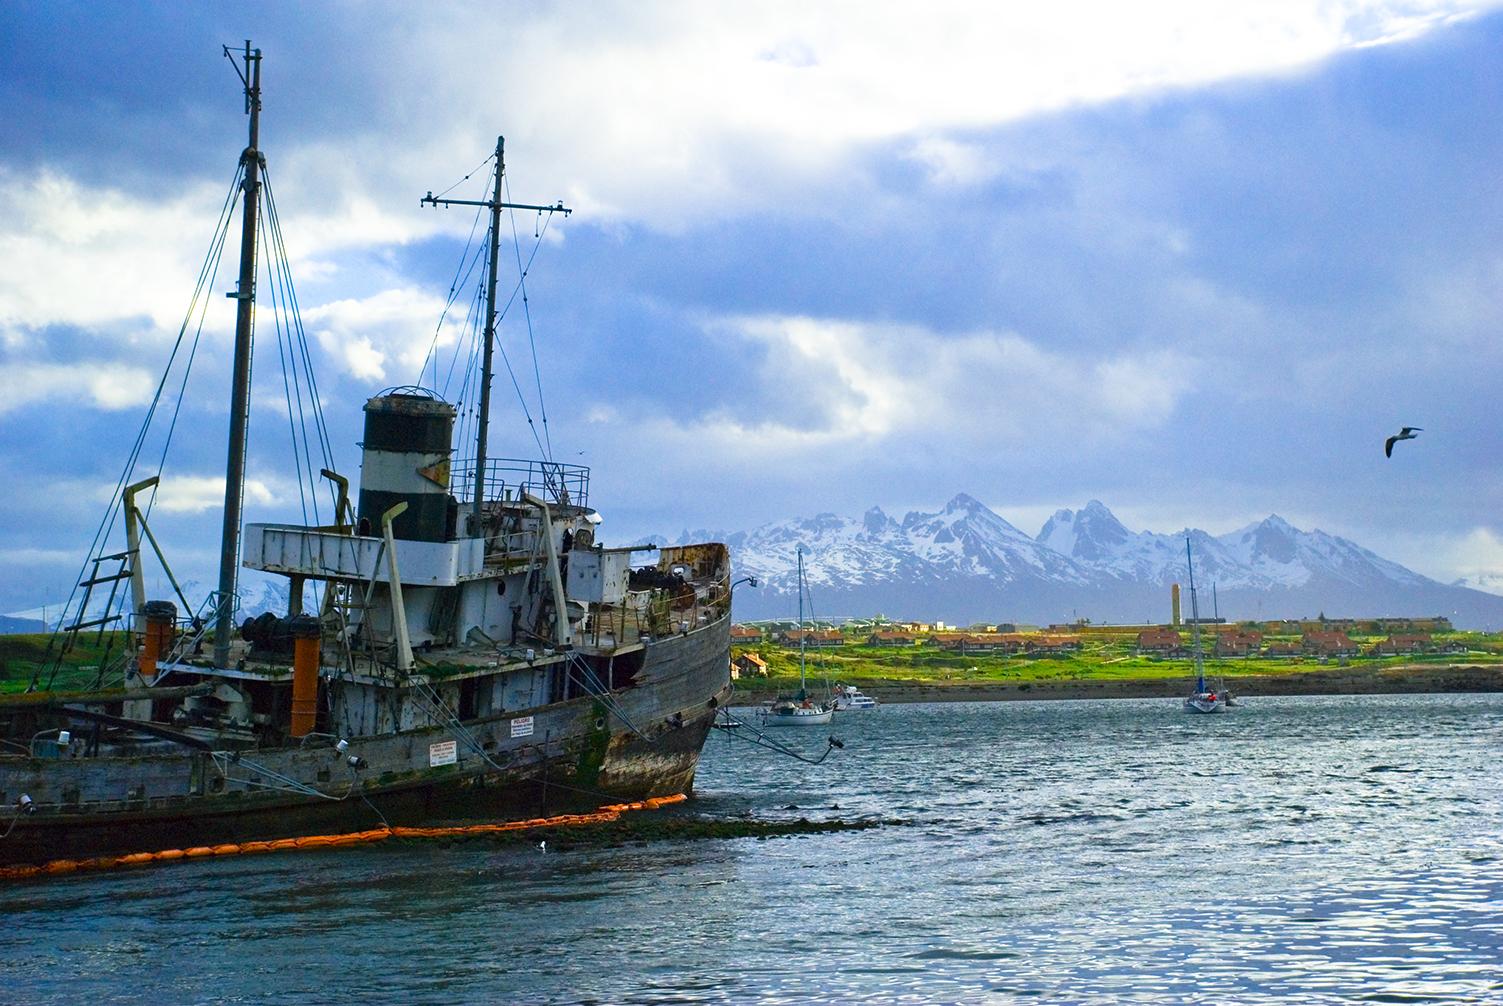 Strait of Magellan, Tierra del Fuego, Argentina